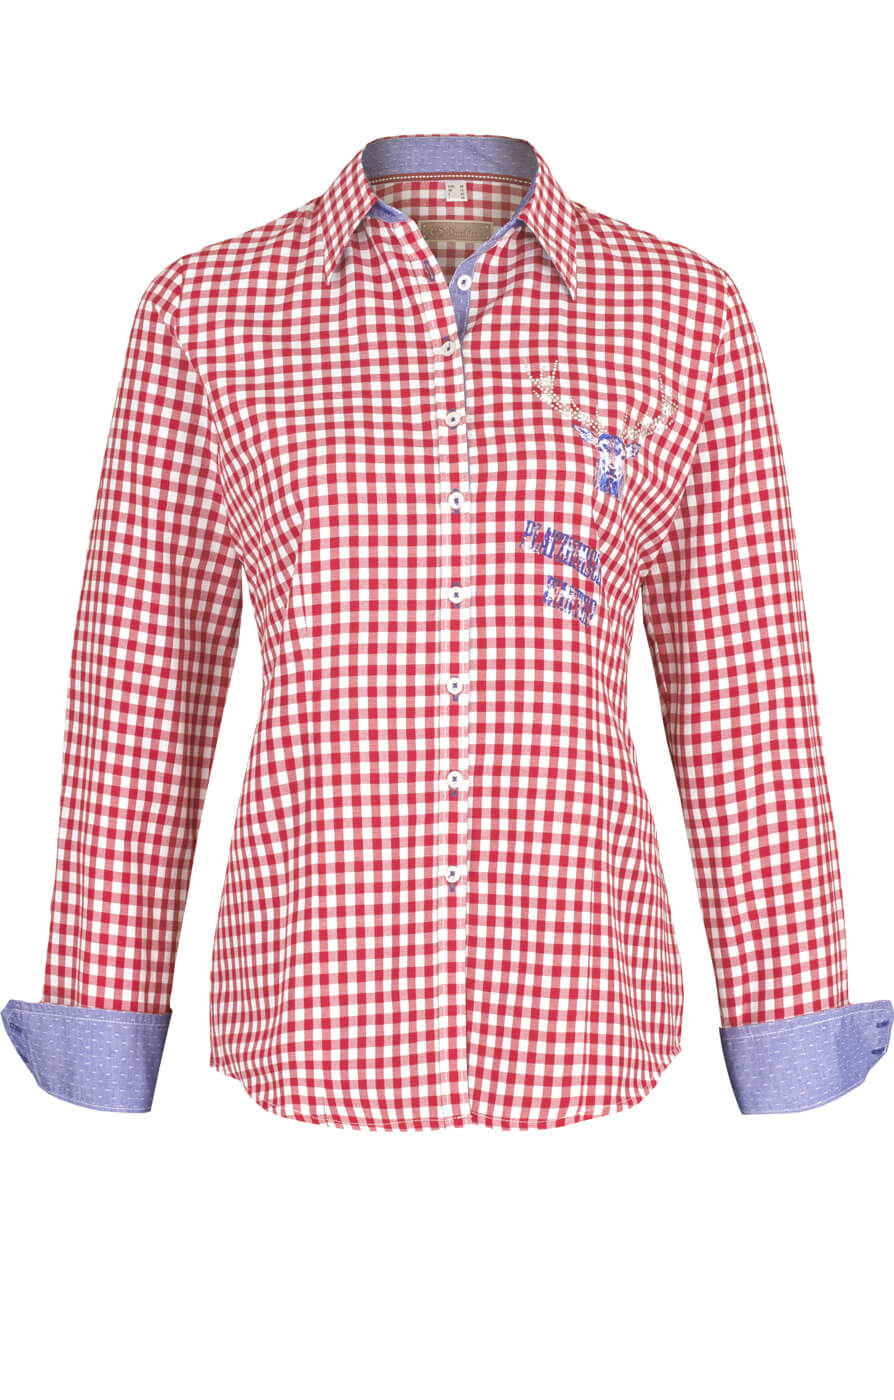 weitere Bilder von Trachtenkarobluse CORINNA rot karo Hemdblusenstil